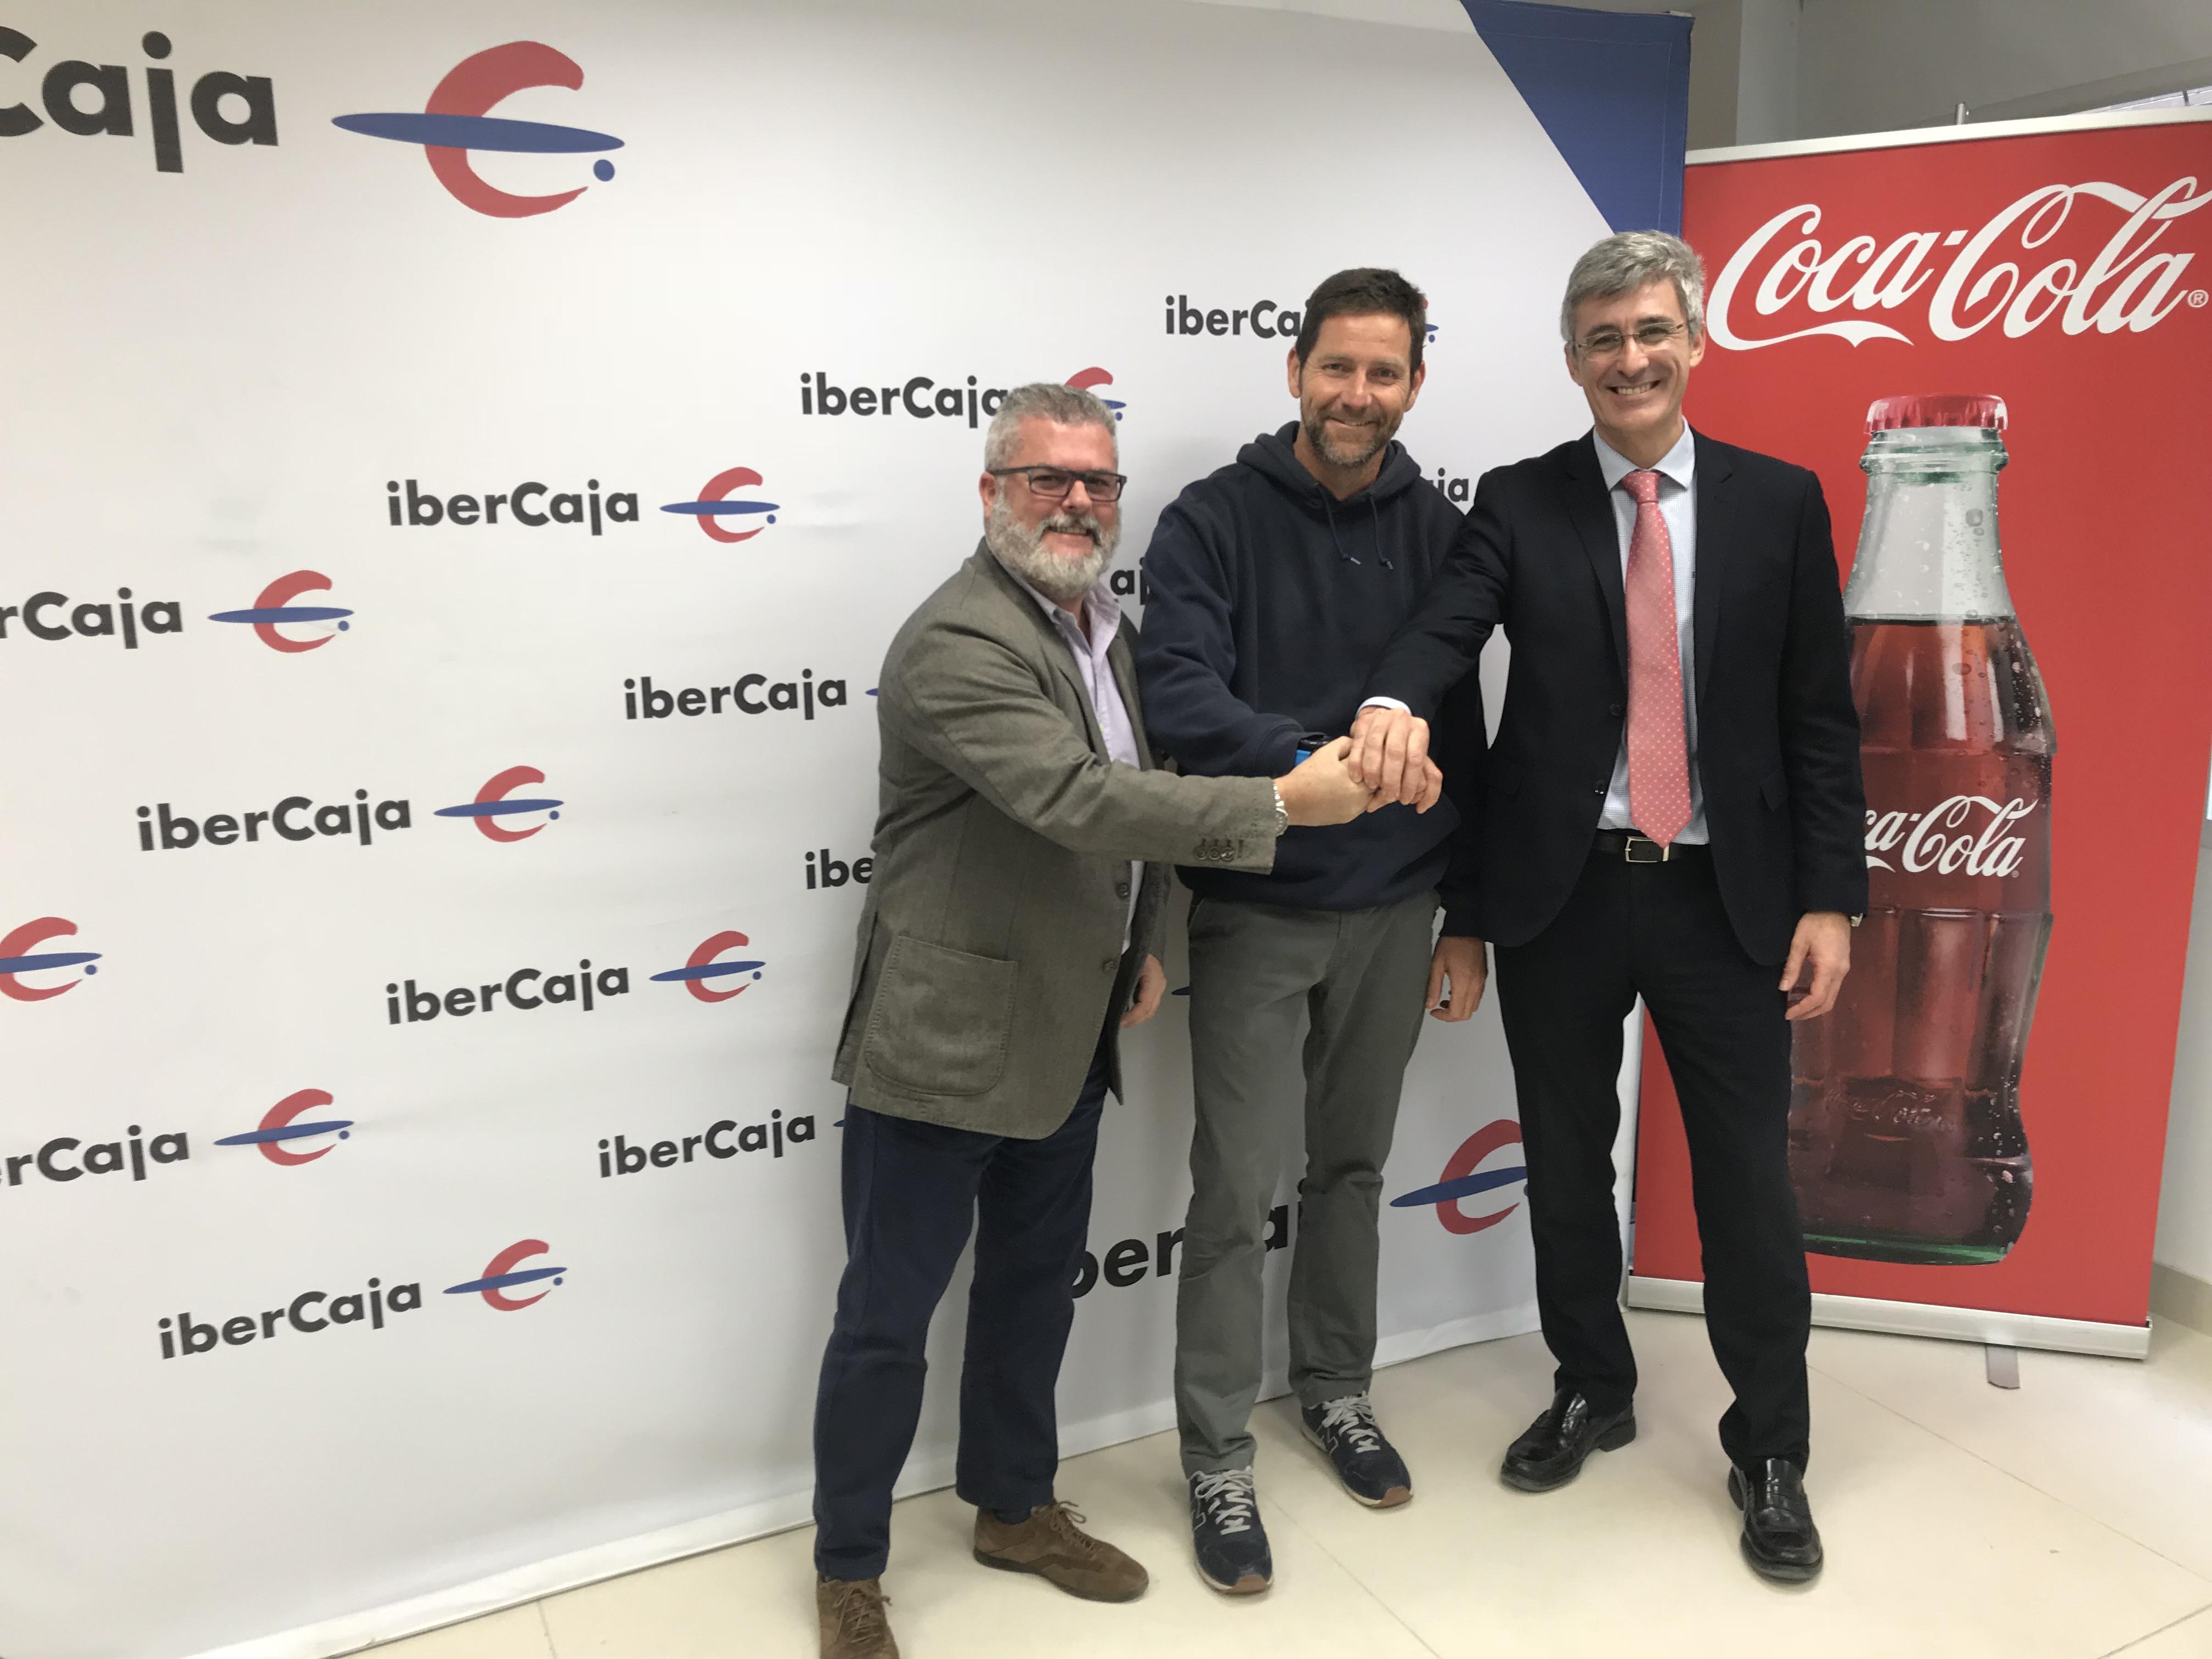 Coca-cola renueva compromiso como proveedor